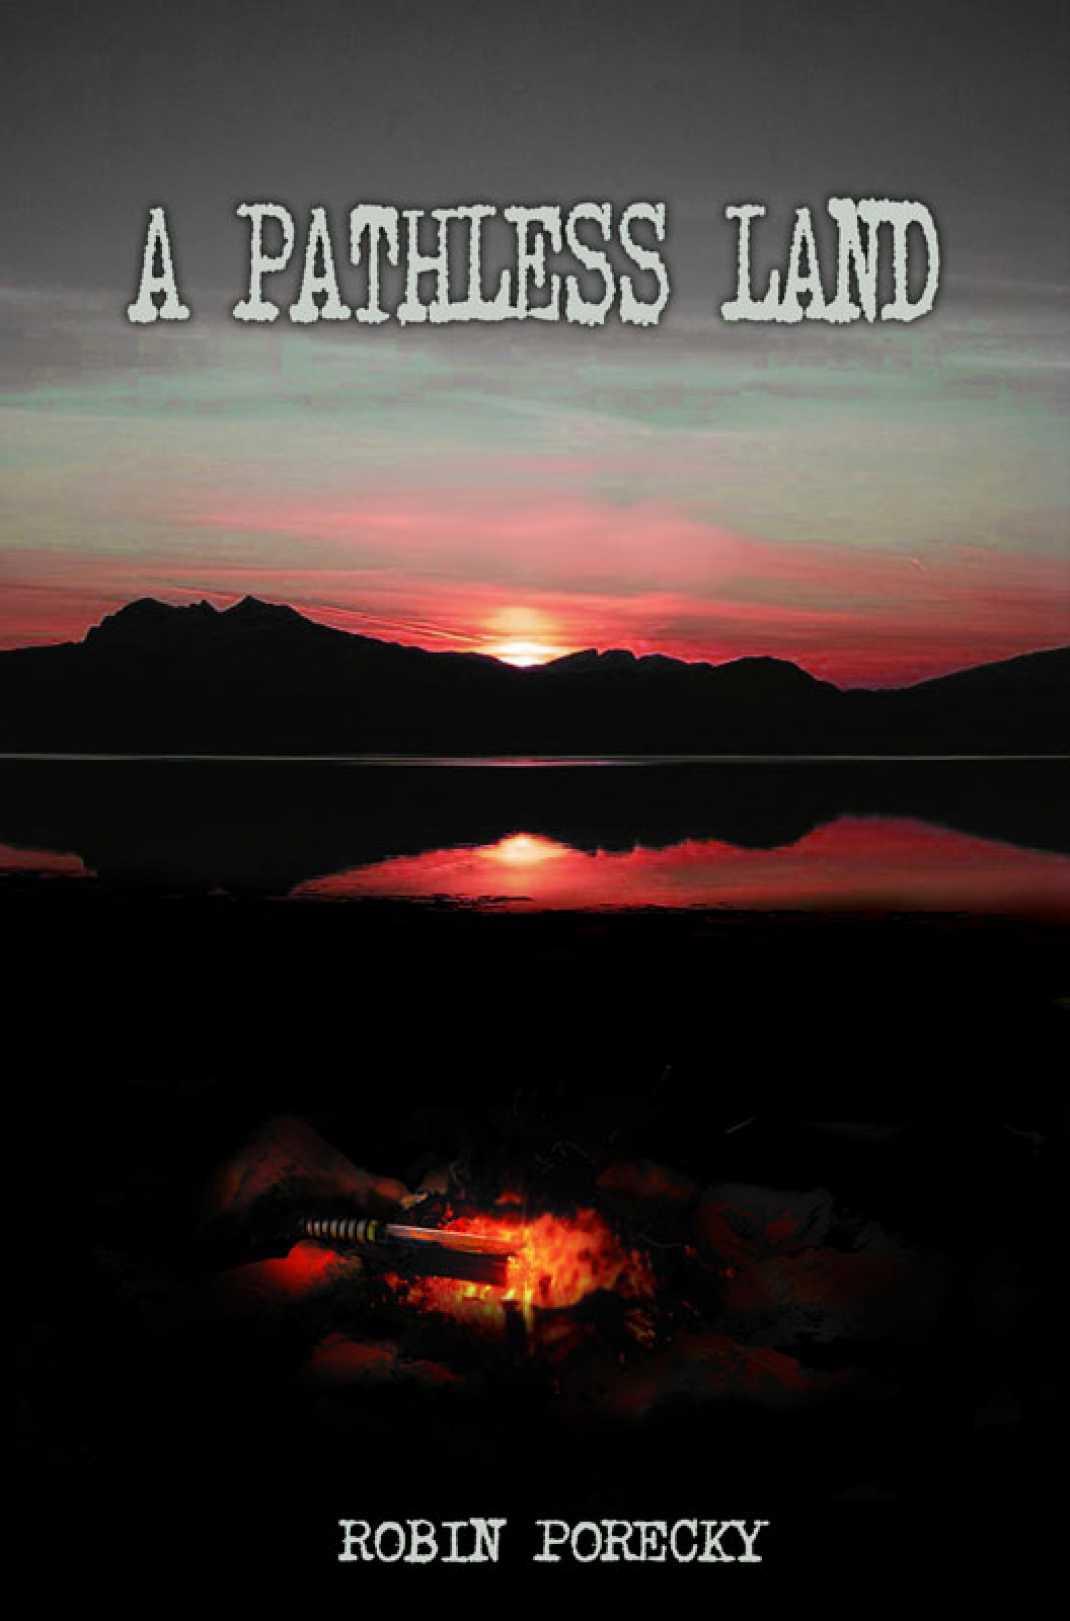 A Pathless Land